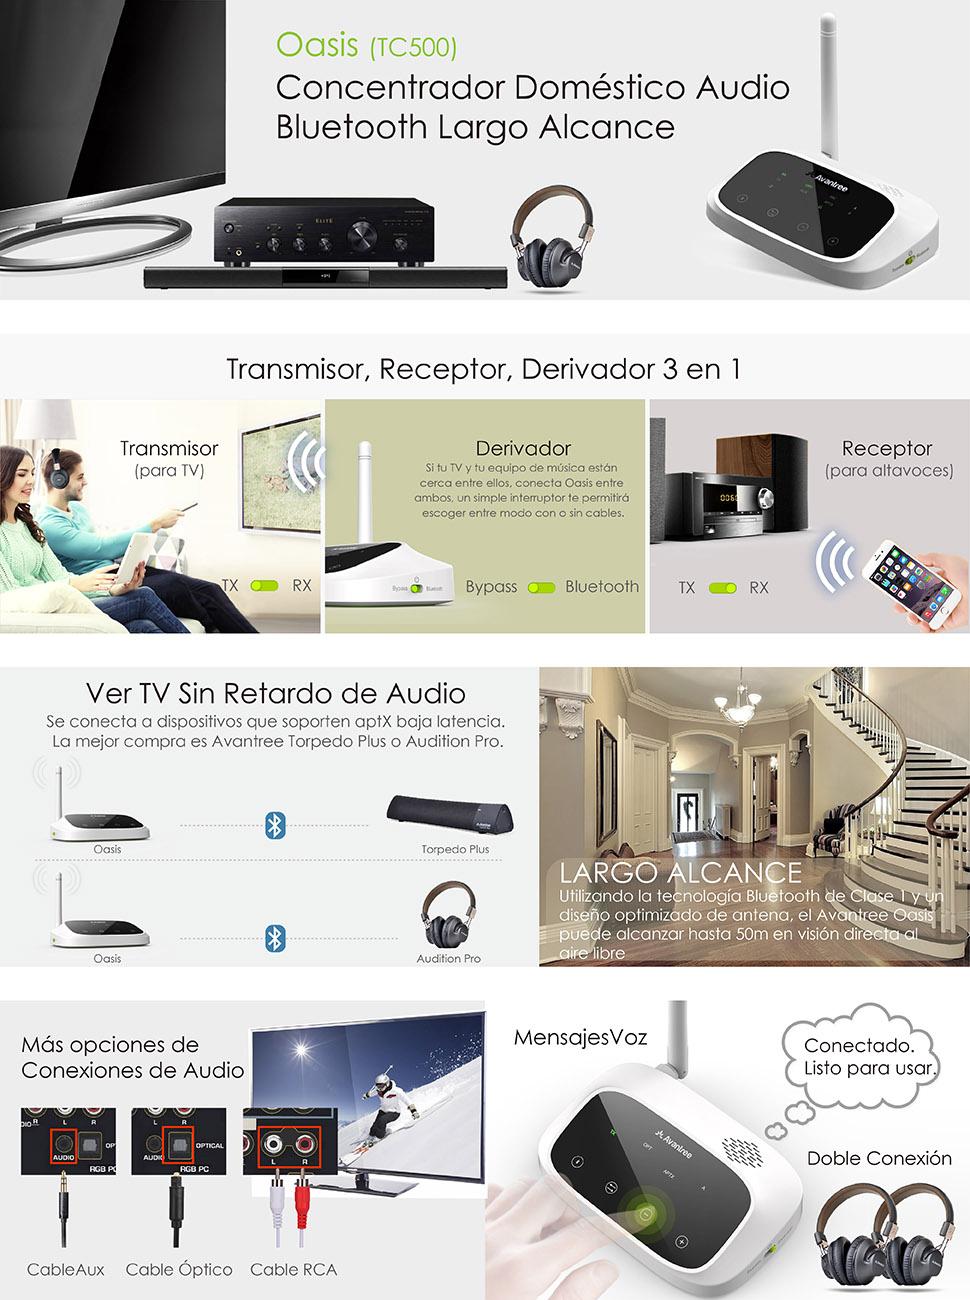 Avantree Transmisor Bluetooth Versión Actualizada de Largo Alcance 50 Metros para el Audio de TV, Transmisor y Receptor Inalámbrico, aptX Baja Latencia, Soporte Óptico Digital, RCA AUX: Amazon.es: Electrónica